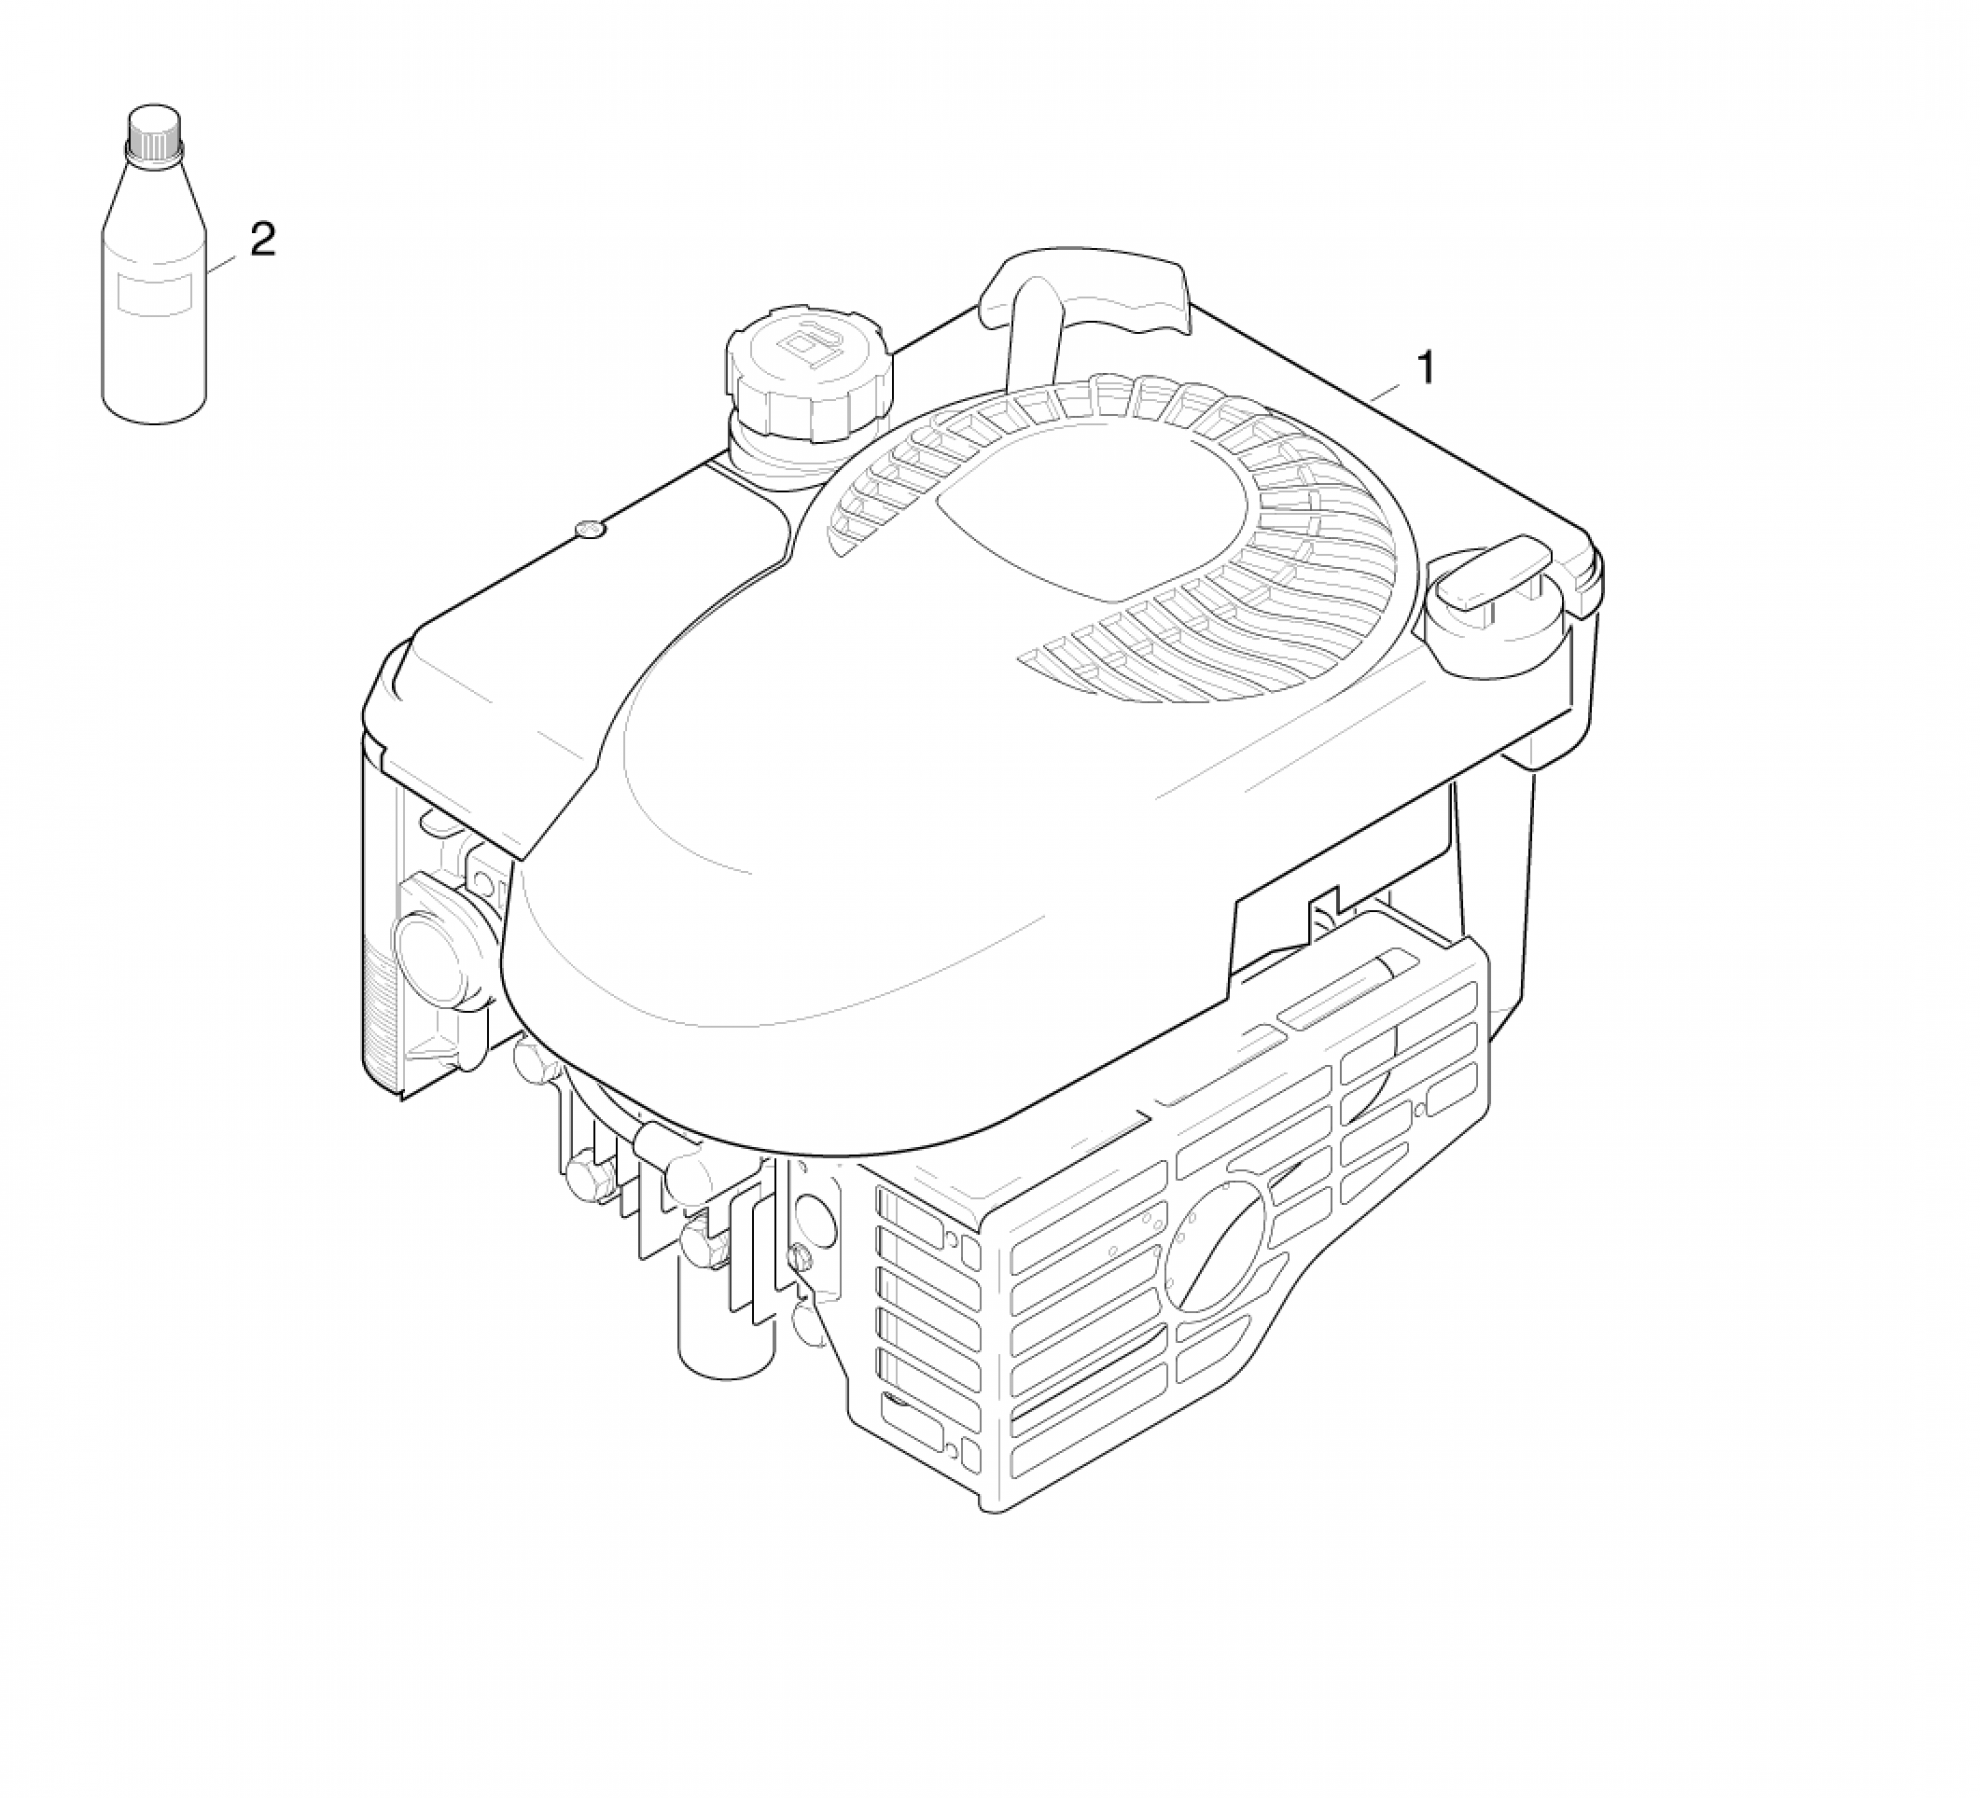 Pi ces d tach es nettoyeur haute pression karcher k 1800ib - Karcher pieces detachees nettoyeur haute pression ...